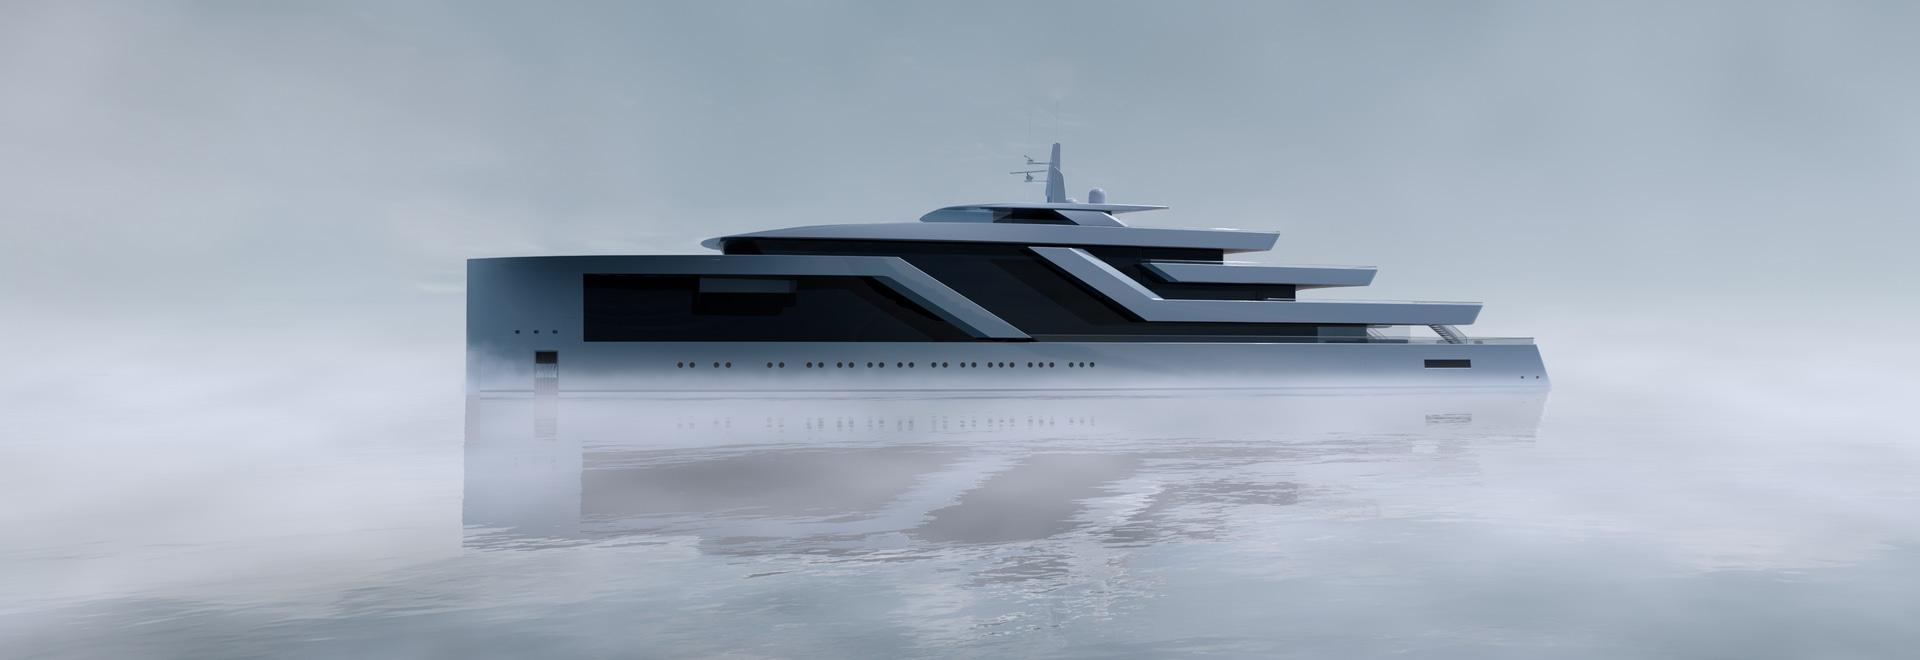 Isaac Burrough Design rivela il nuovo concetto di 100m